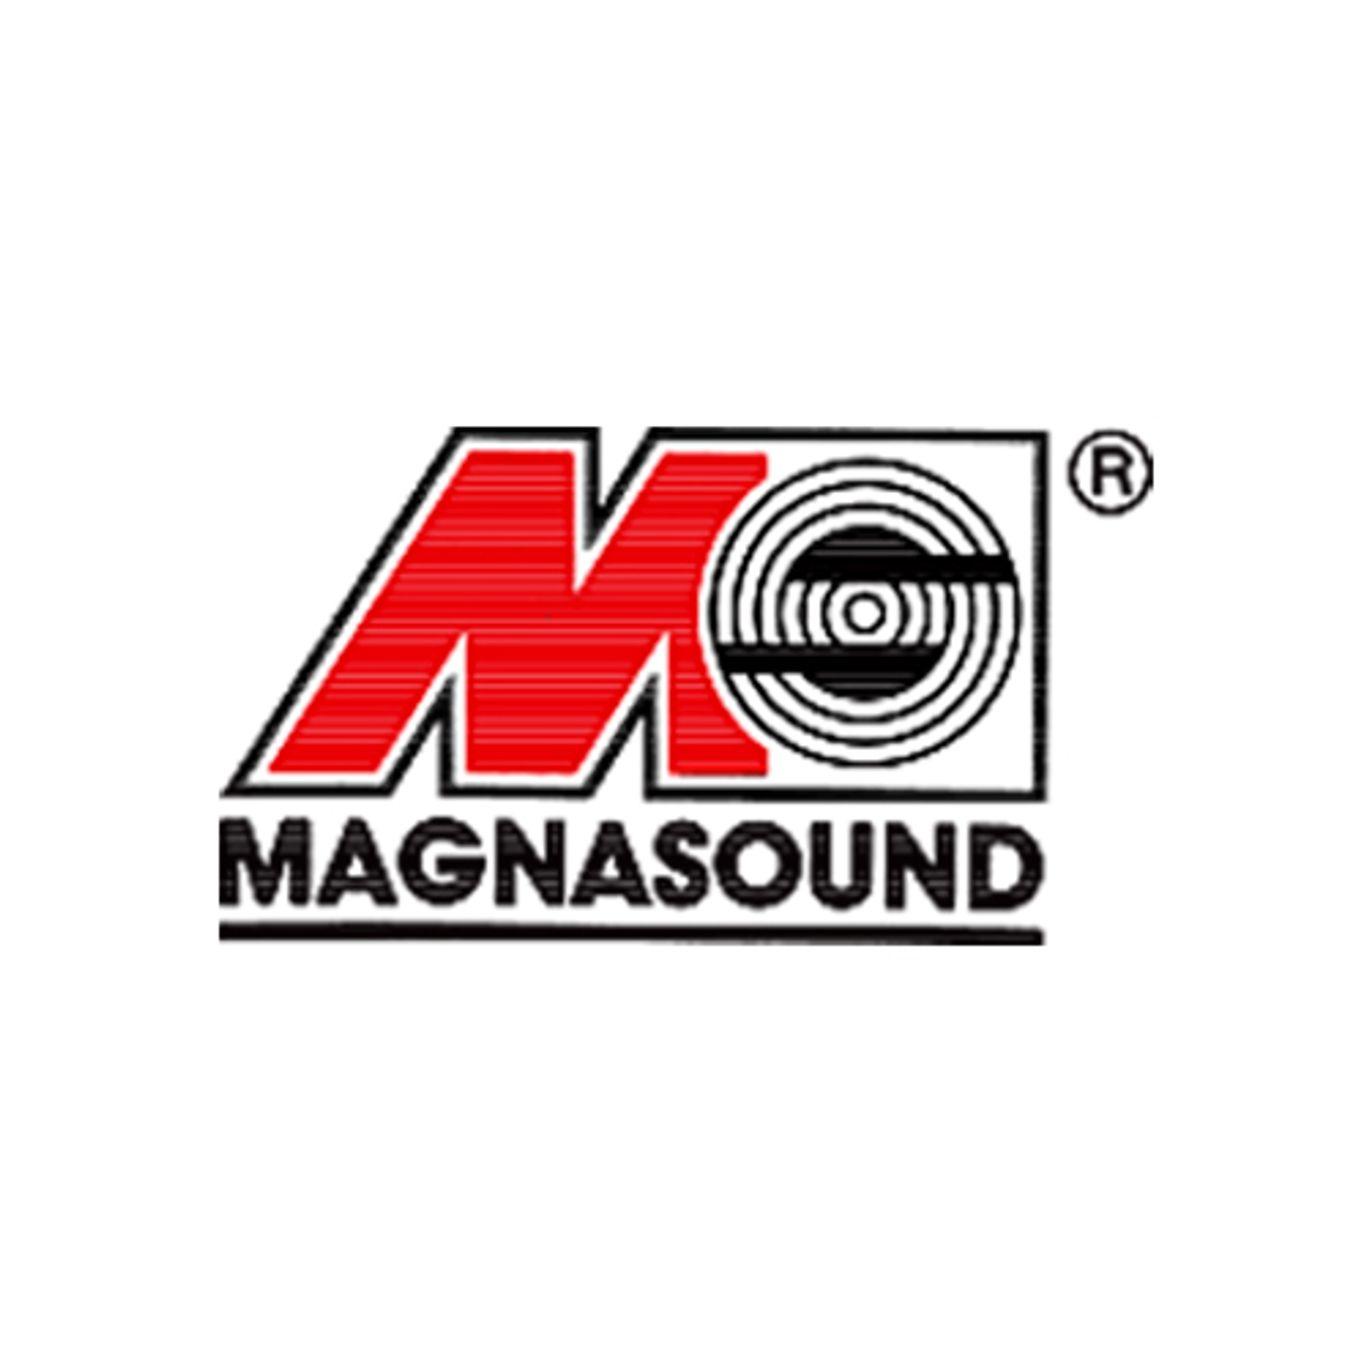 Magnasound Media